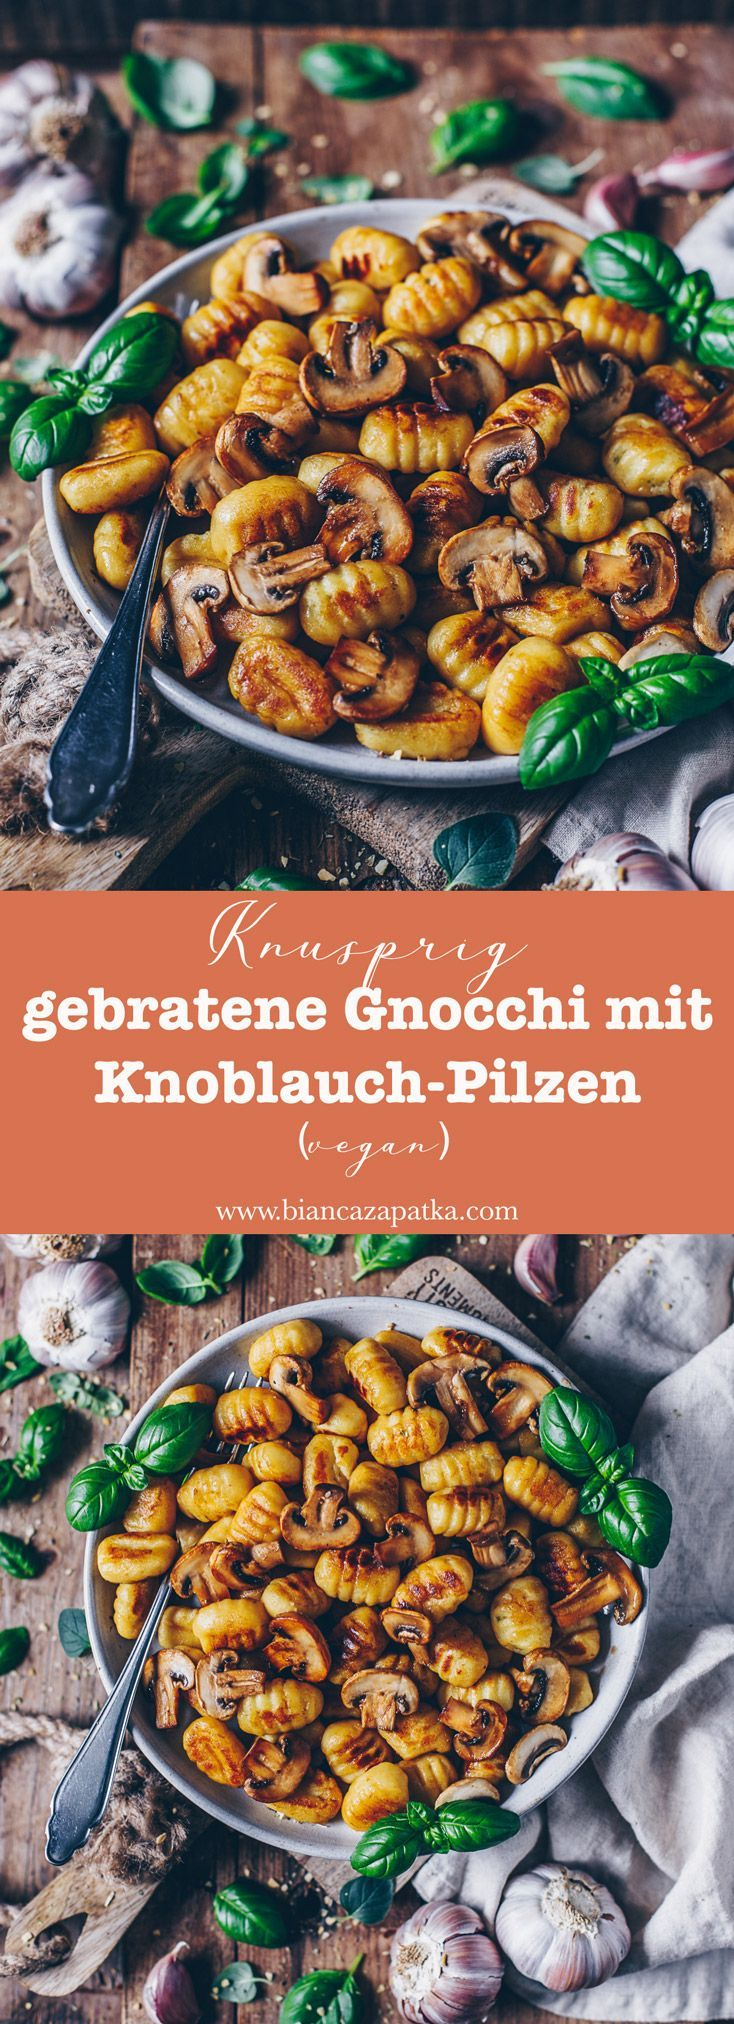 Knusprig gebratene Gnocchi mit Knoblauch-Pilzen (vegan) #vegetarischerezepte